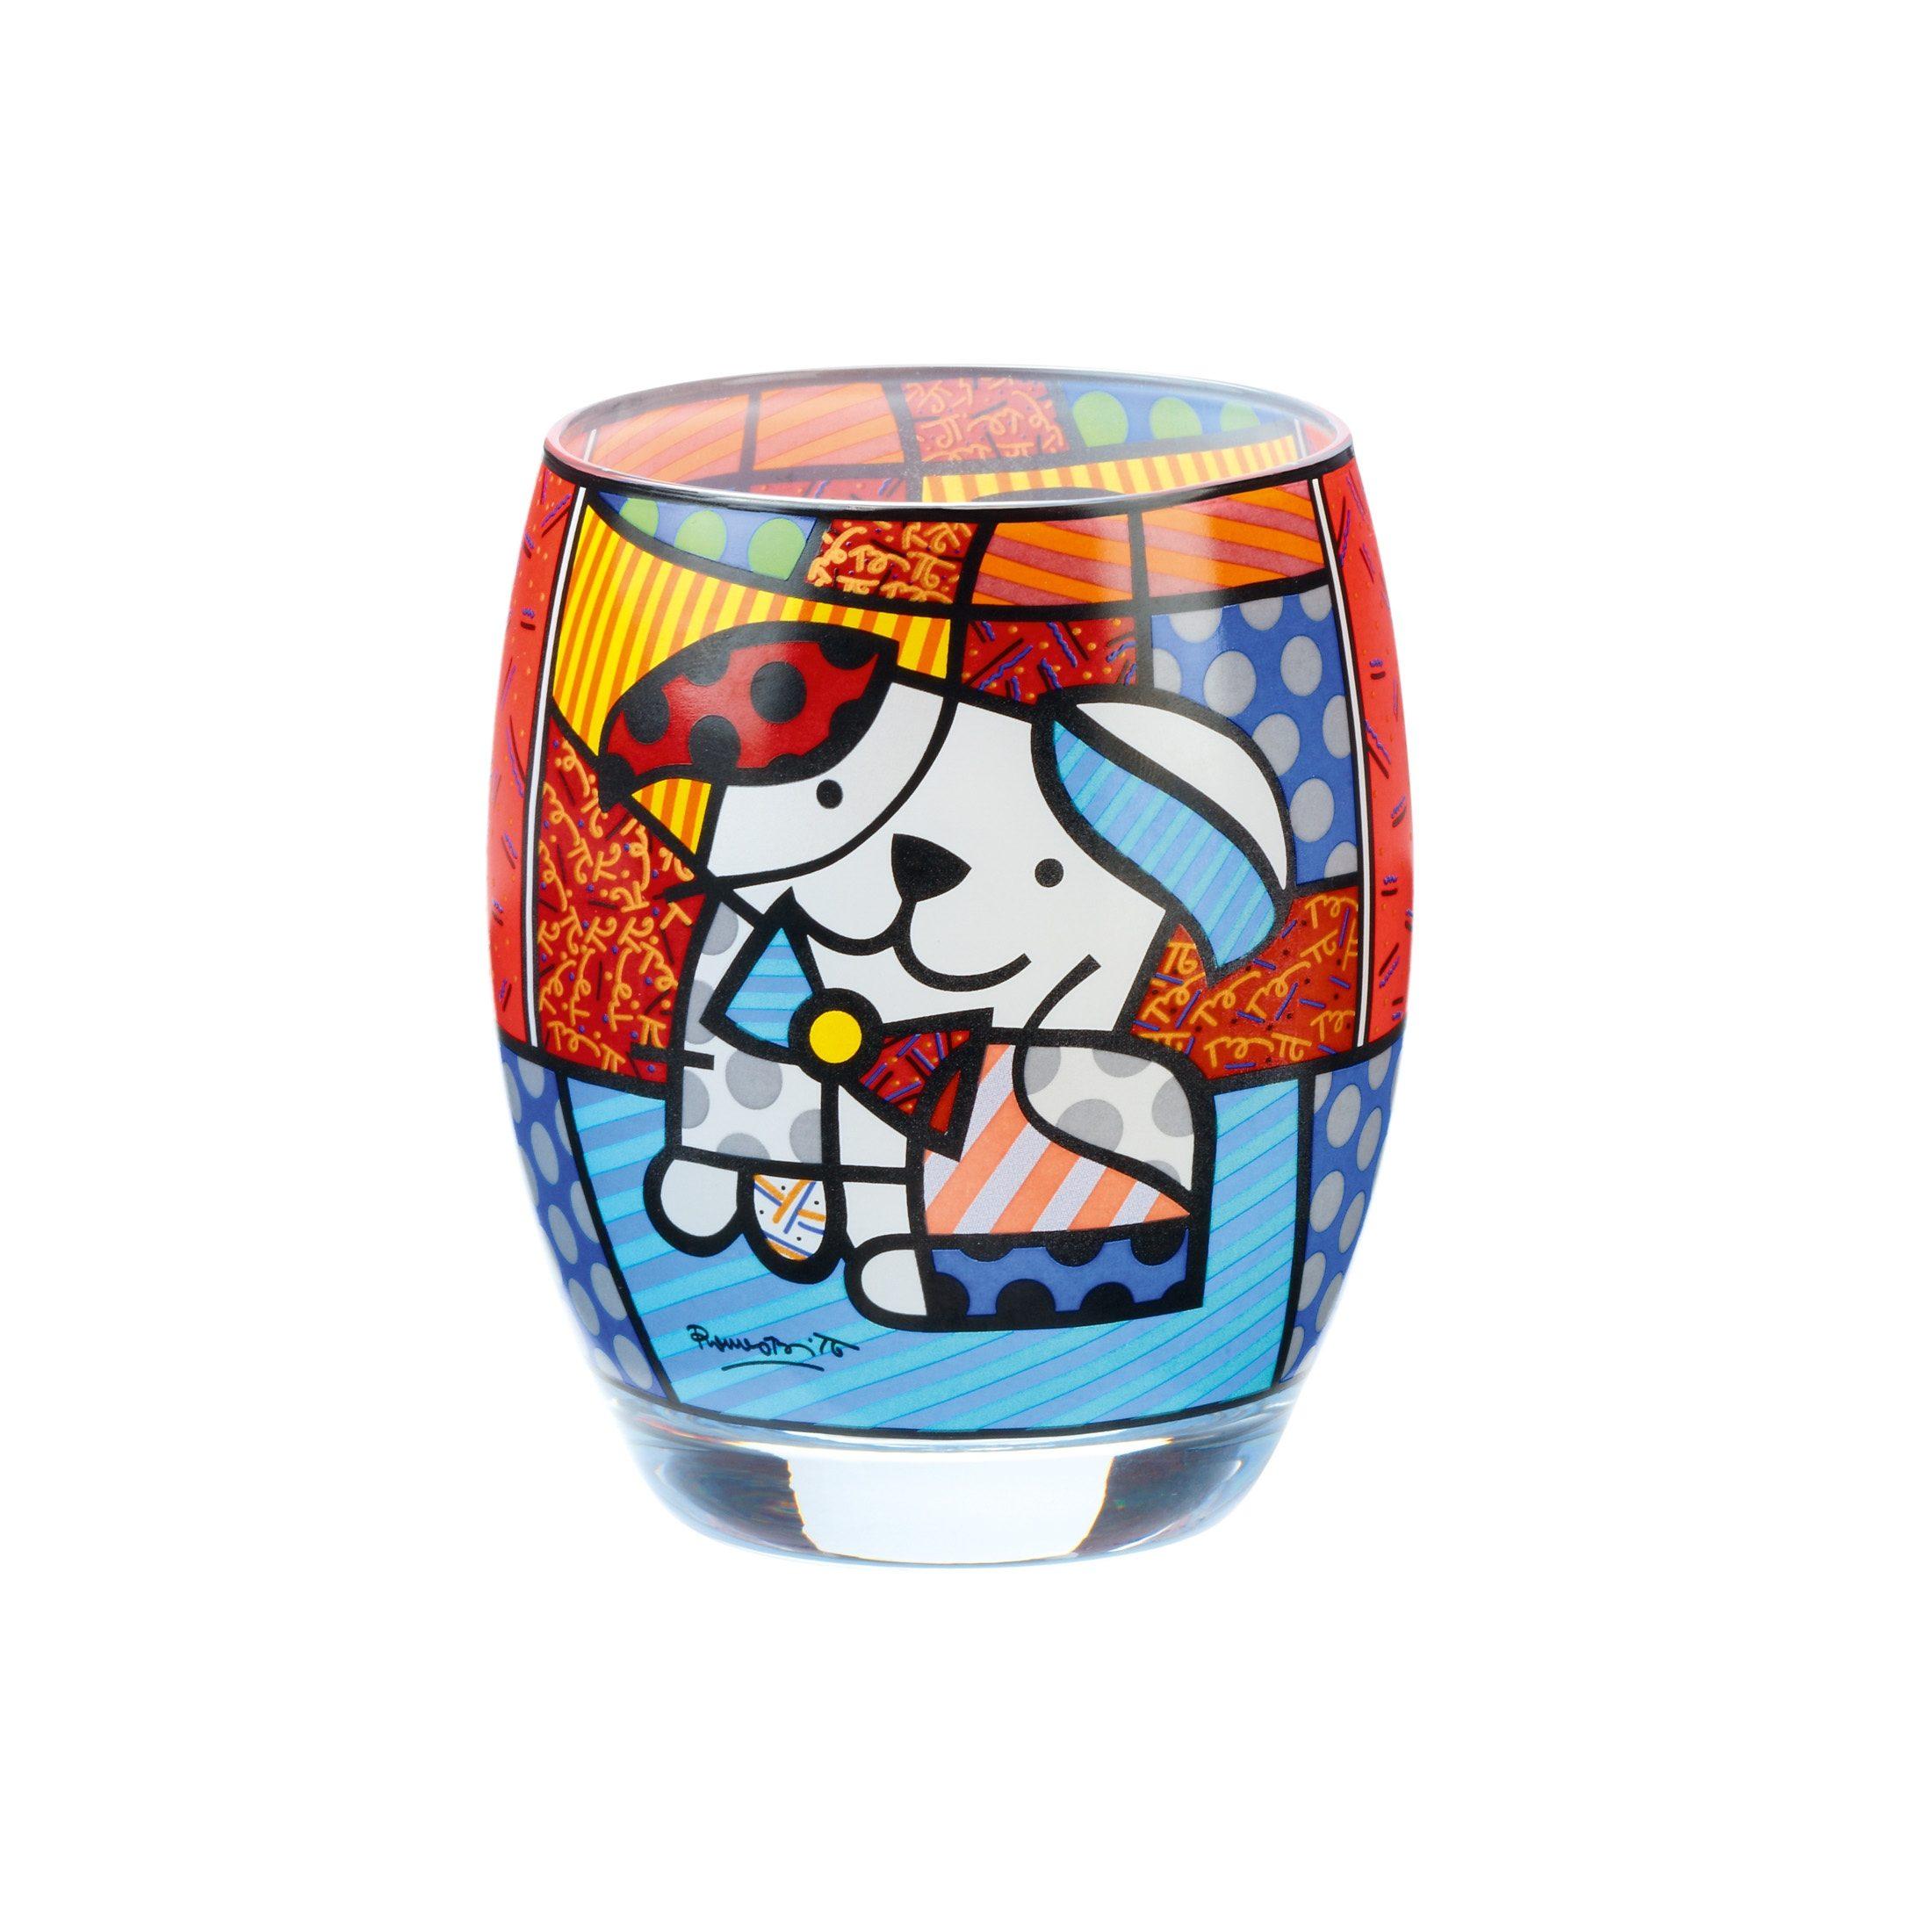 Goebel Windlicht Ginger »Artis Orbis - Britto«